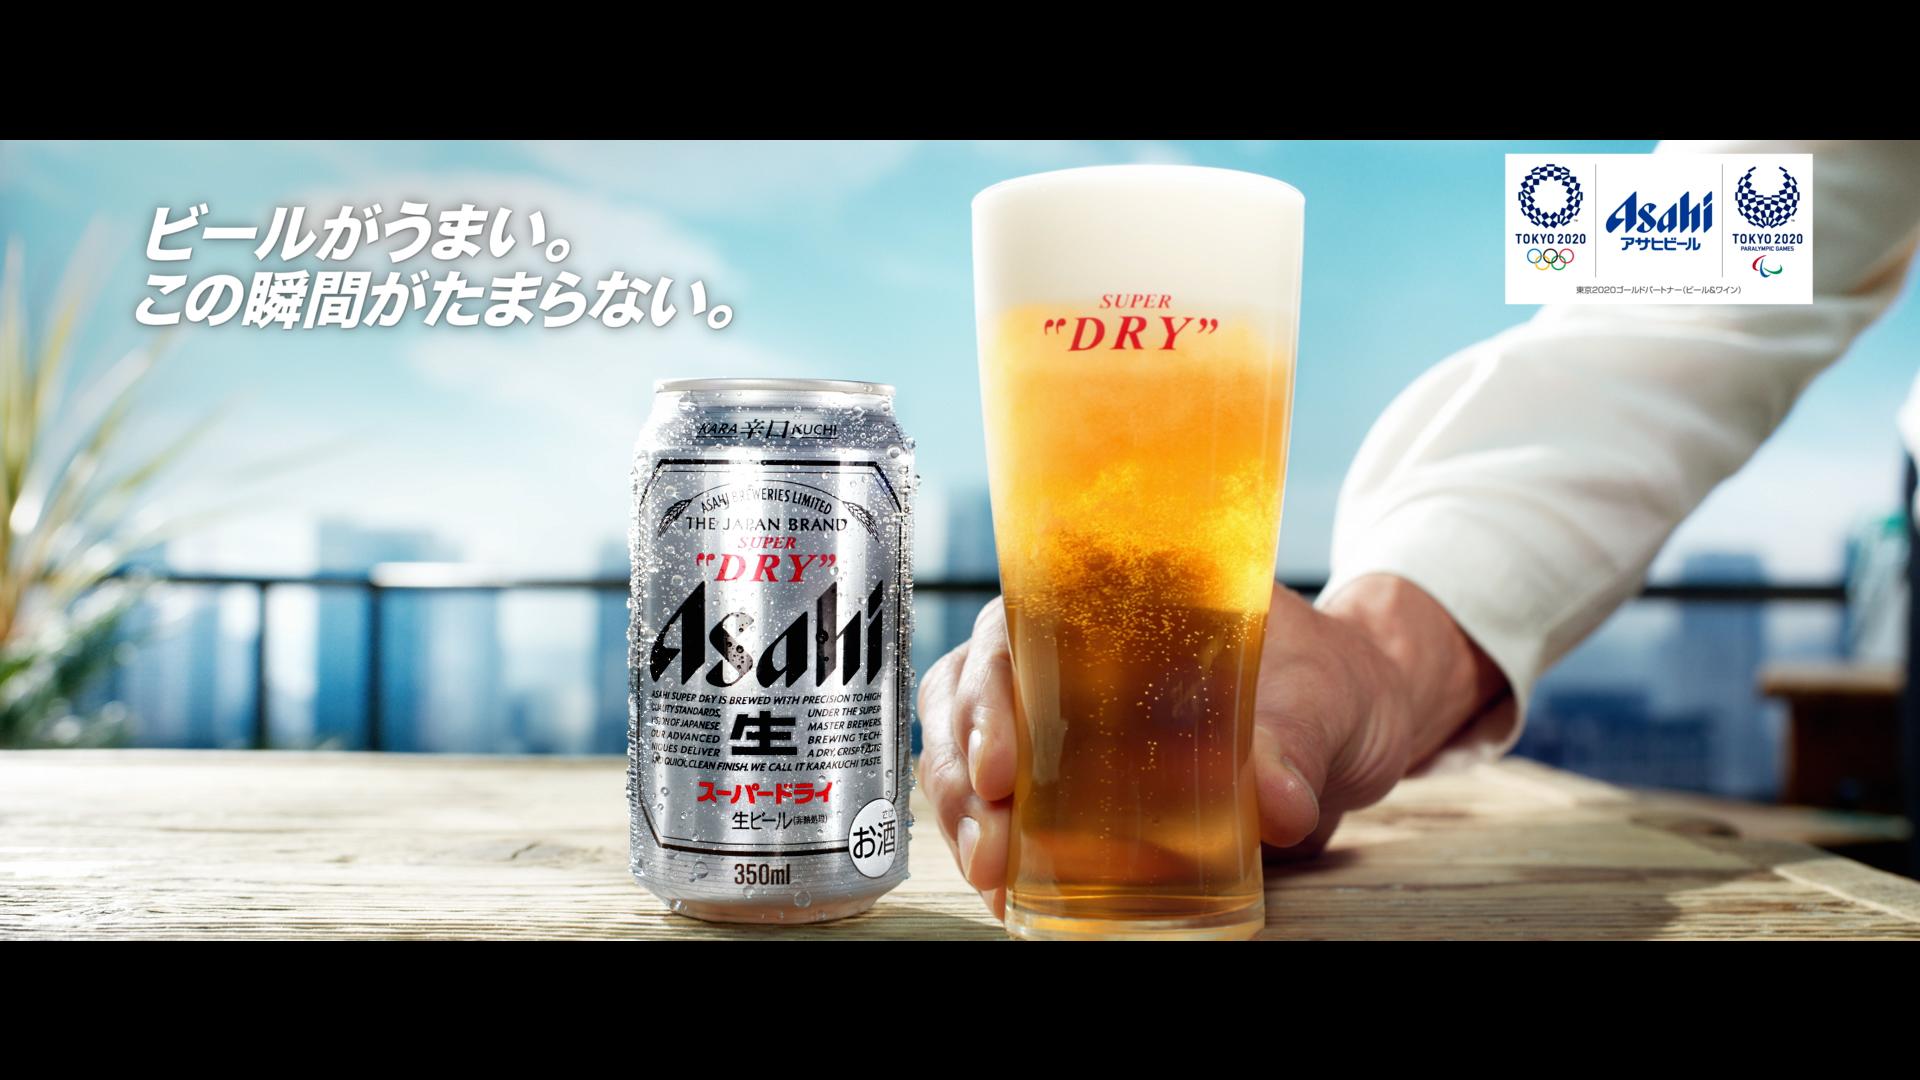 アサヒビール アサヒスーパードライ「生ビールのうまさが、ここに」